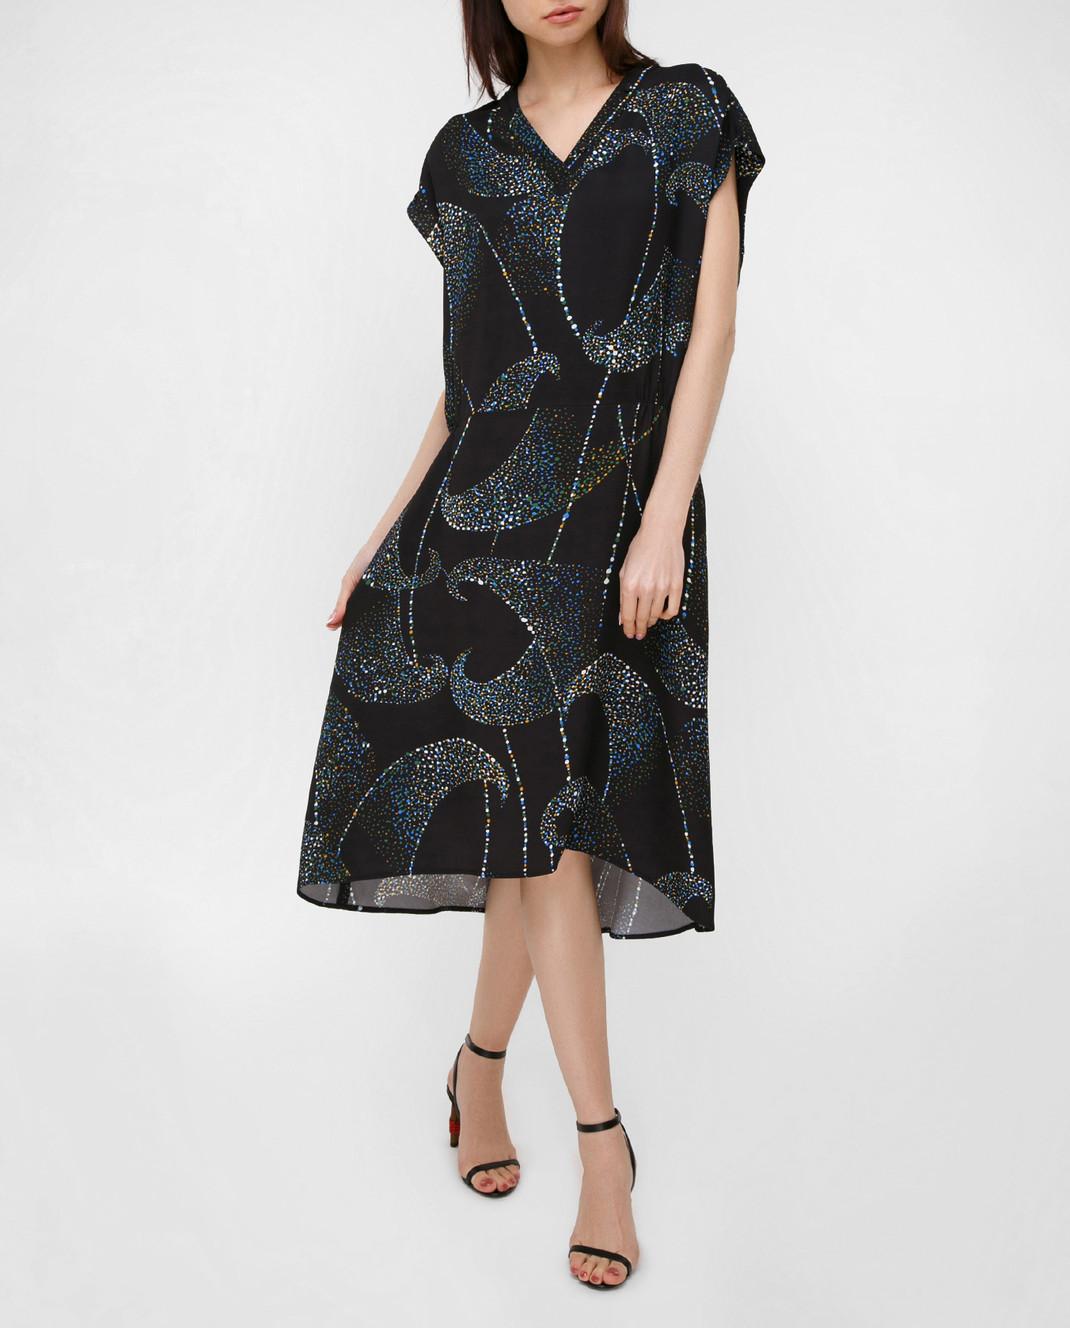 Balenciaga Черное платье 456946 изображение 2